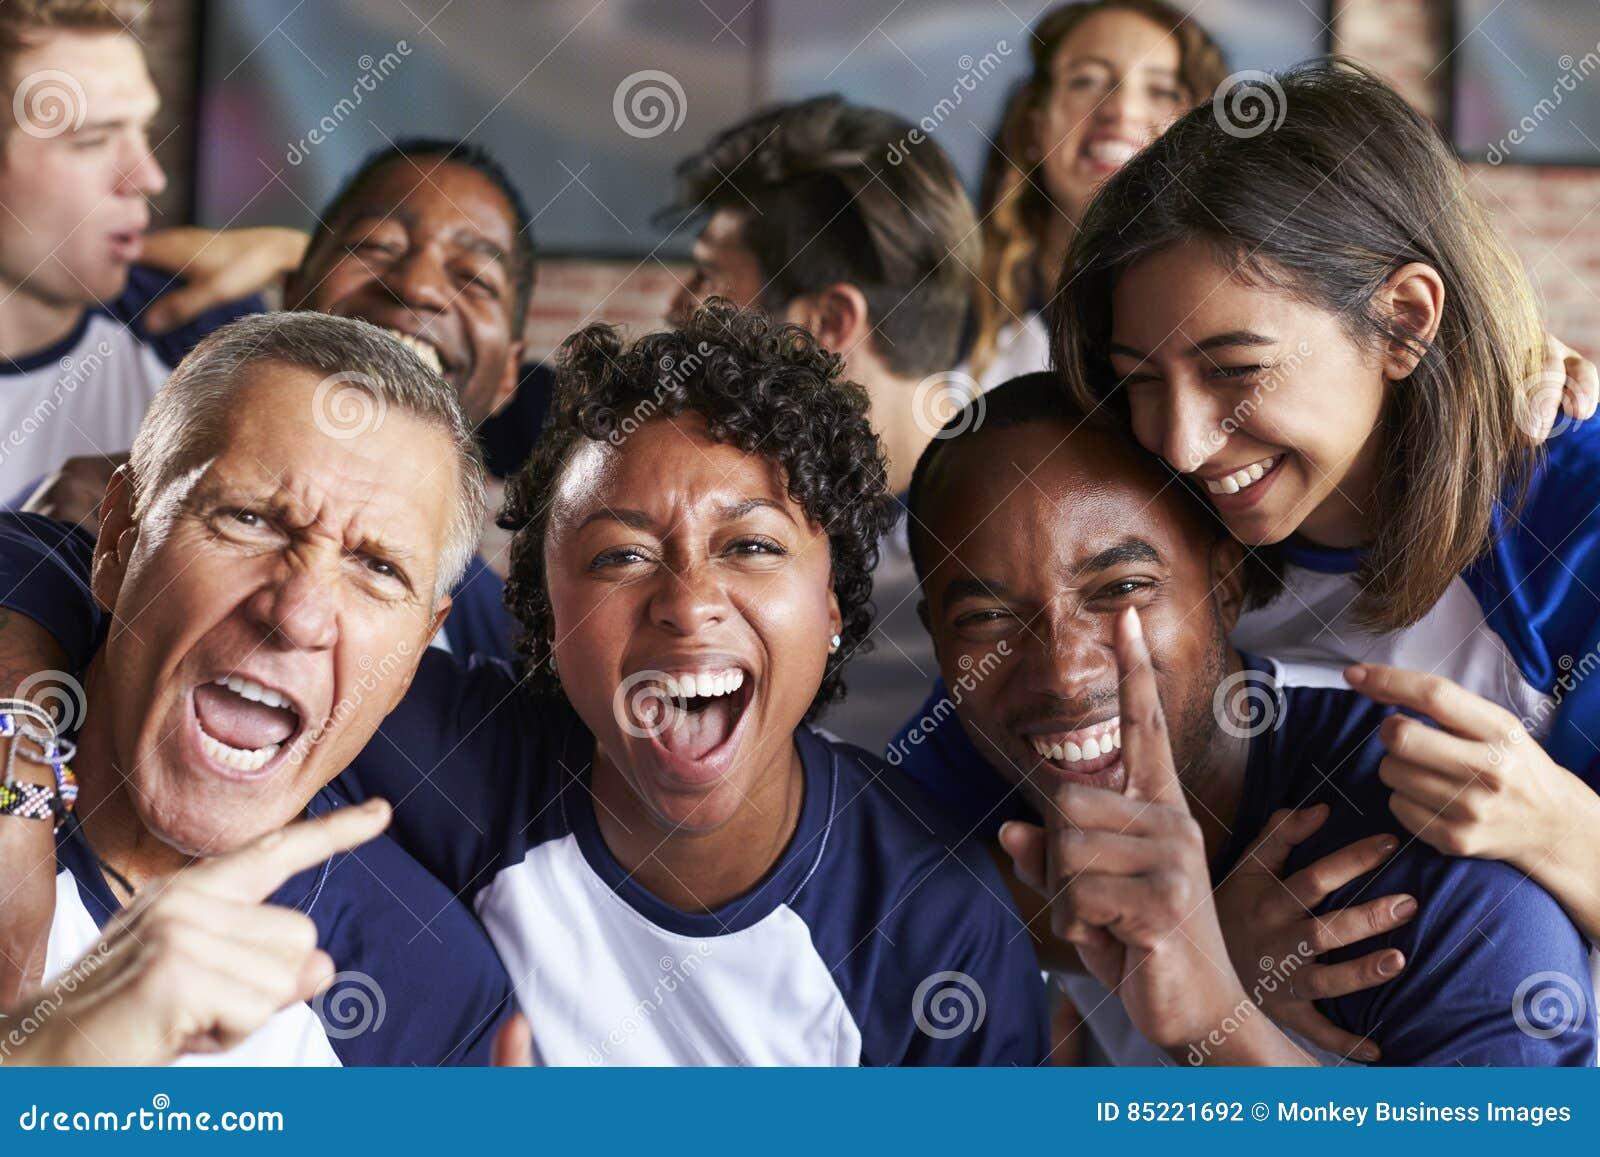 Retrato dos amigos que olham o jogo na barra de esportes em telas